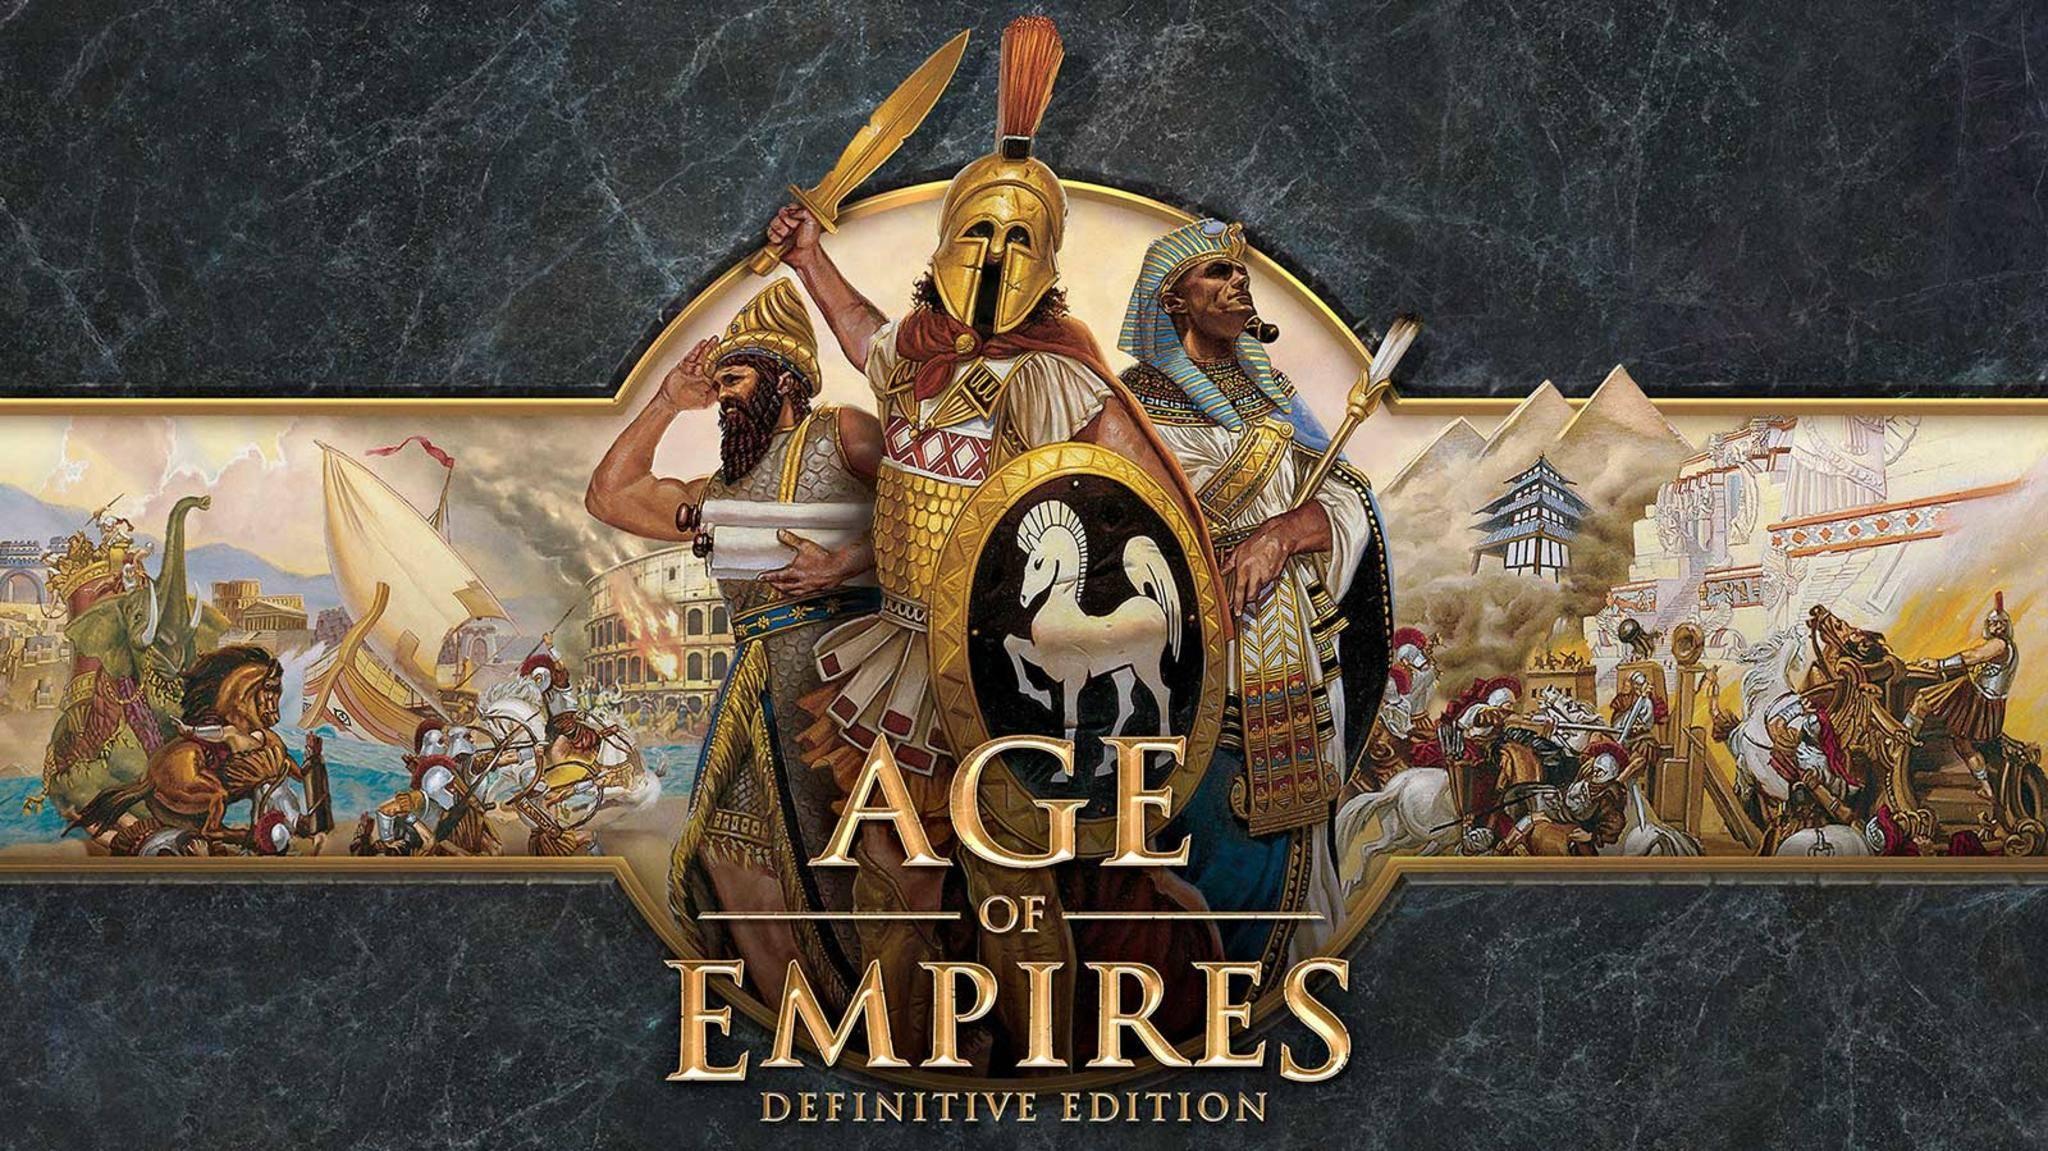 """Die """"Definitive Edition"""" von """"Age of Empires"""" kommt am 20. Februar."""